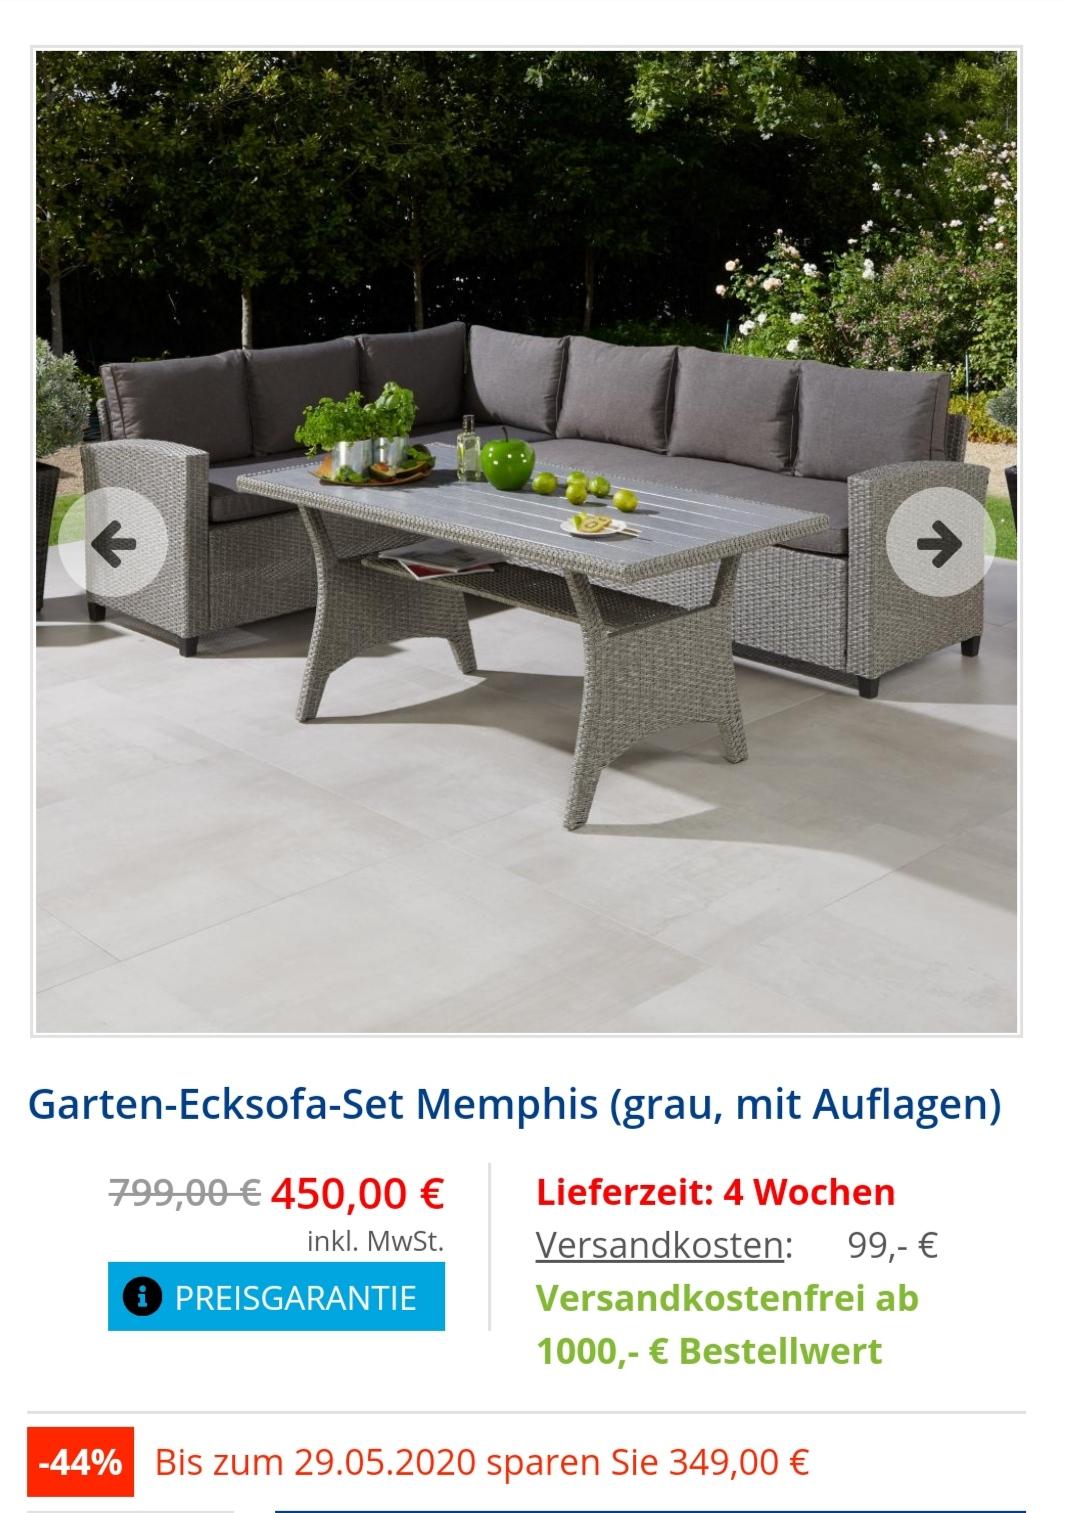 Dänisches Bettenlager Garten Ecksofa Set mit Auflagen um 44% reduziert. Mit KPGB3C Rabattcode nochmal 20 Euro Direktabzug. Payback 7fach